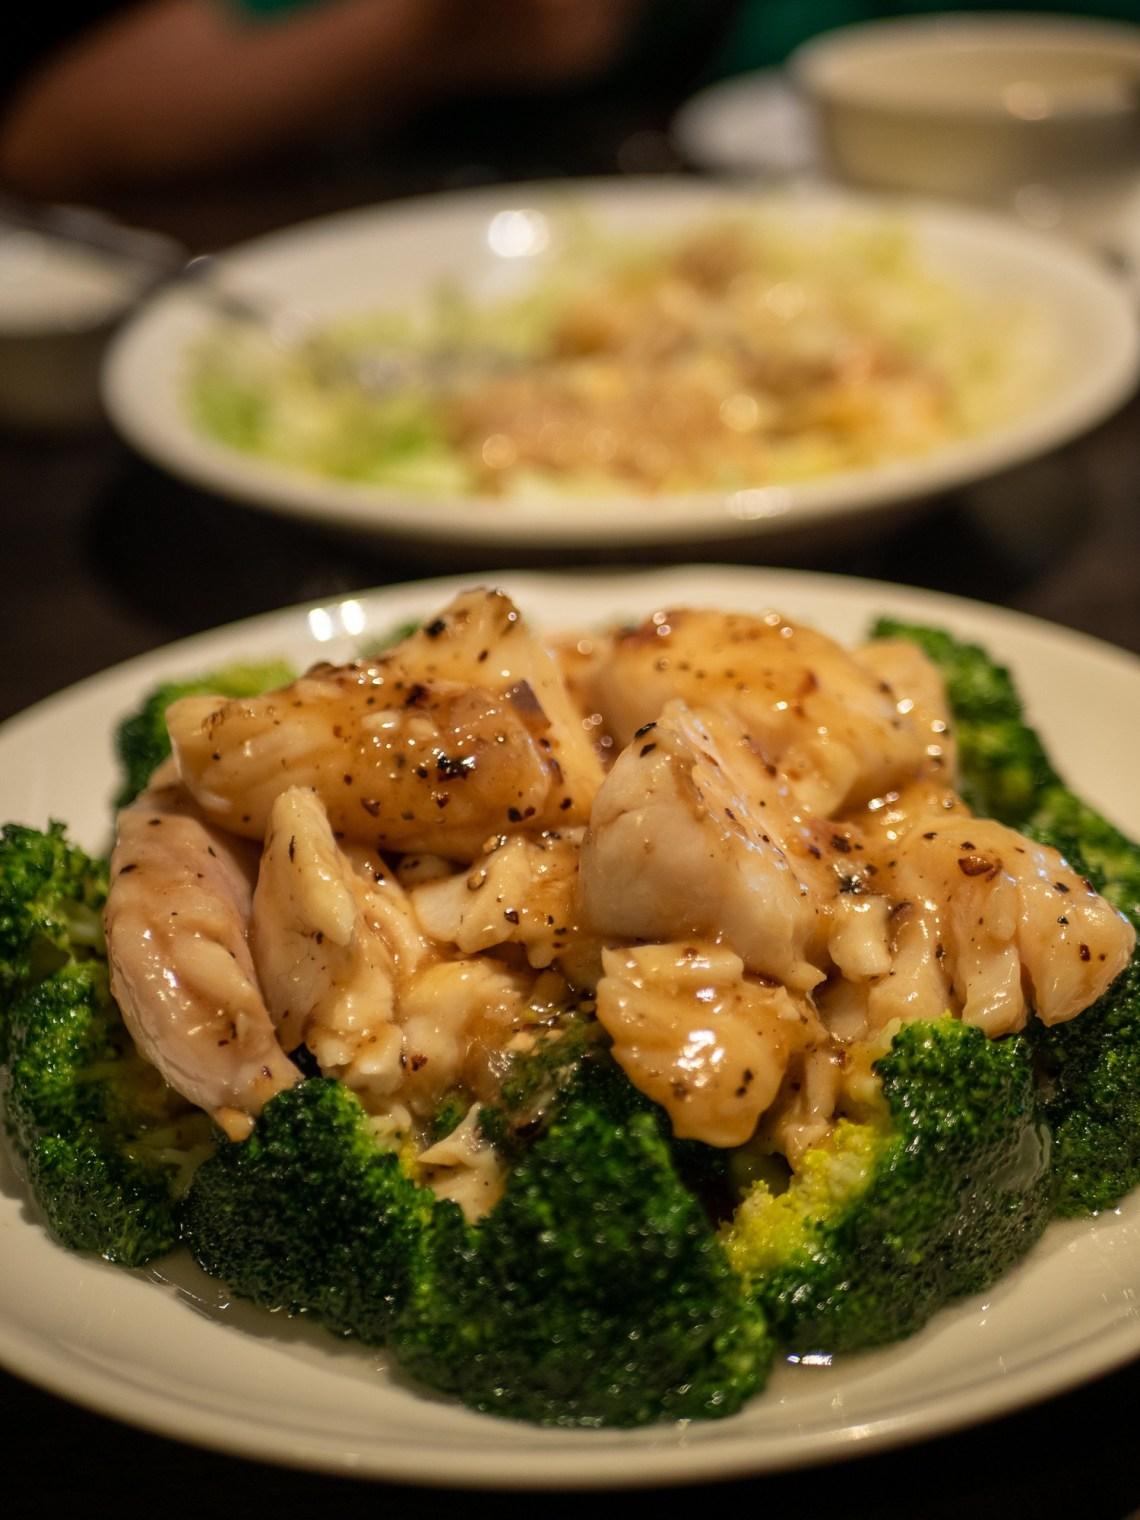 Stir-fried fish fillet, black pepper, broccoli